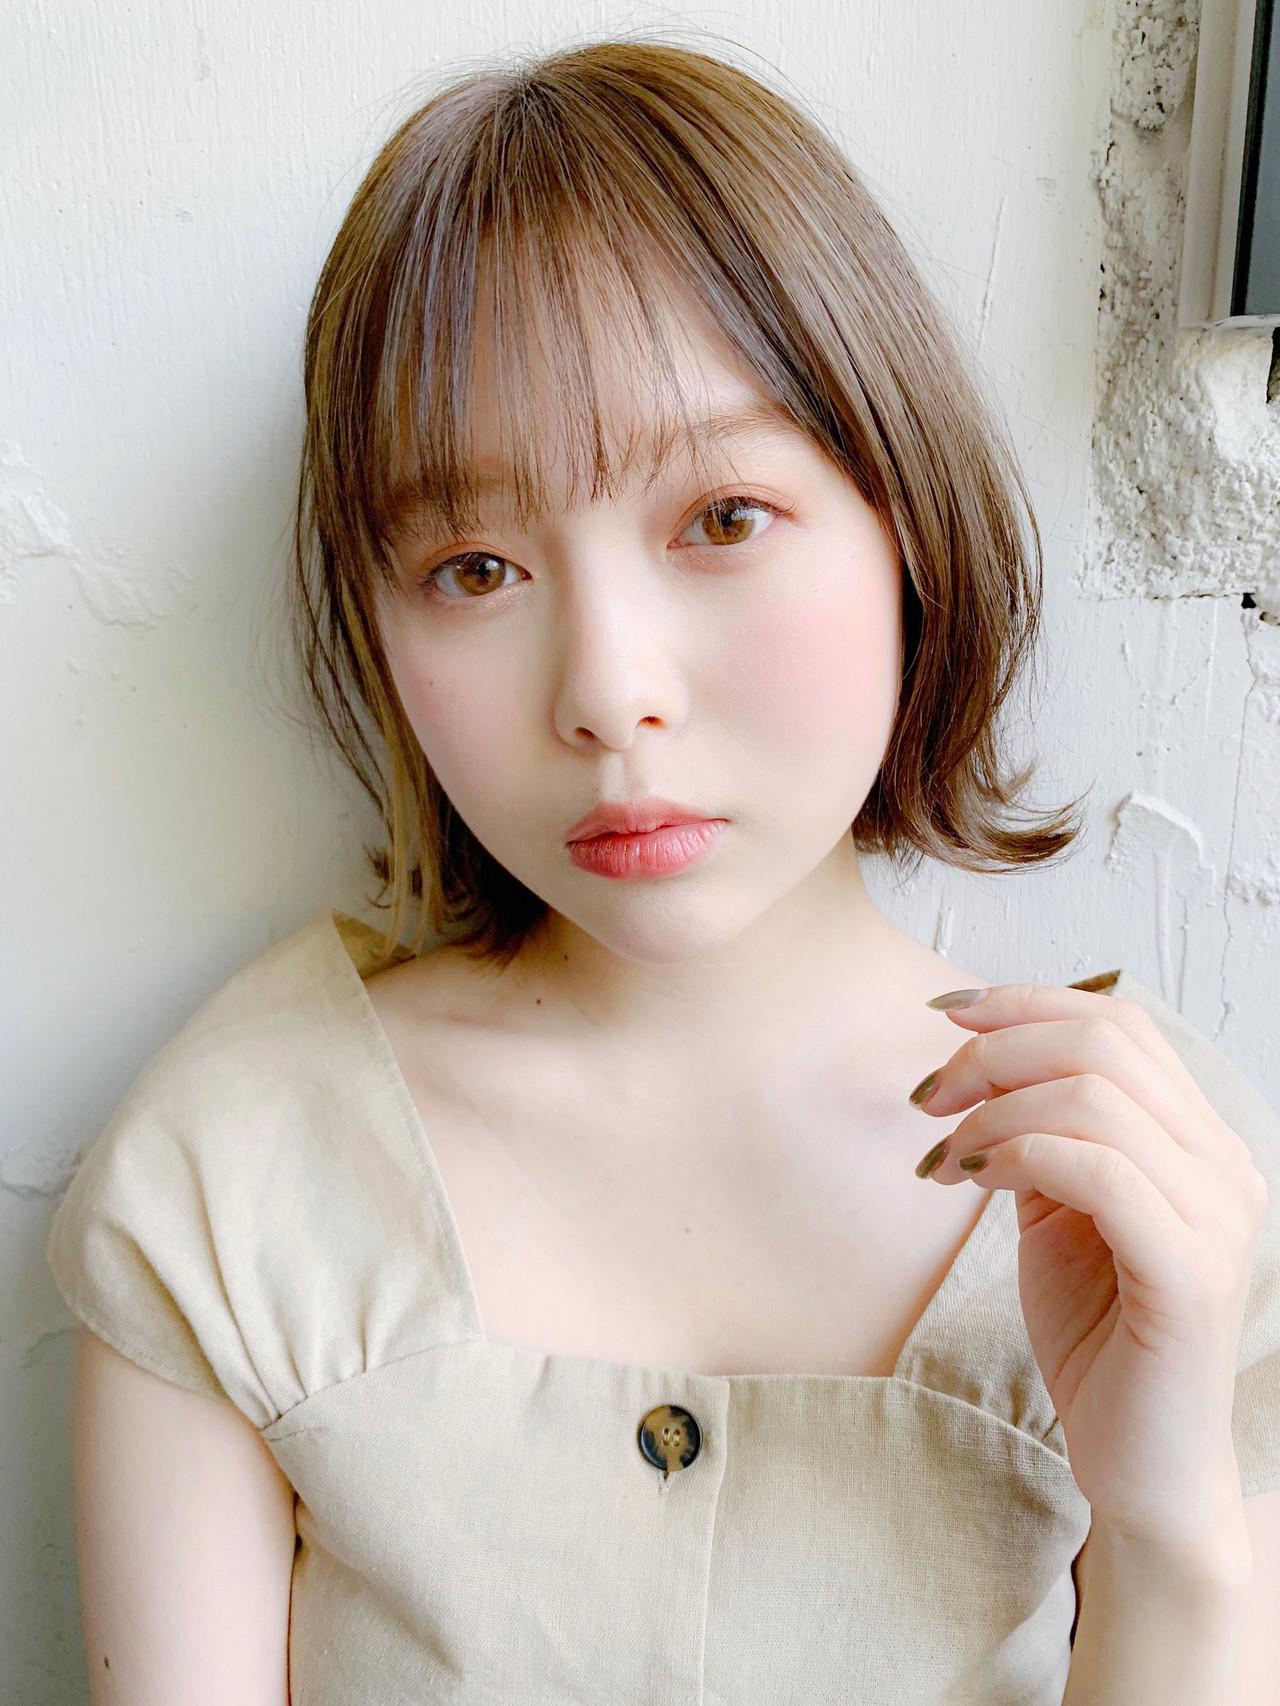 外ハネボブ ショートボブ ナチュラル ショートヘア ヘアスタイルや髪型の写真・画像 | Natsuko Kodama 児玉奈都子 / dydi